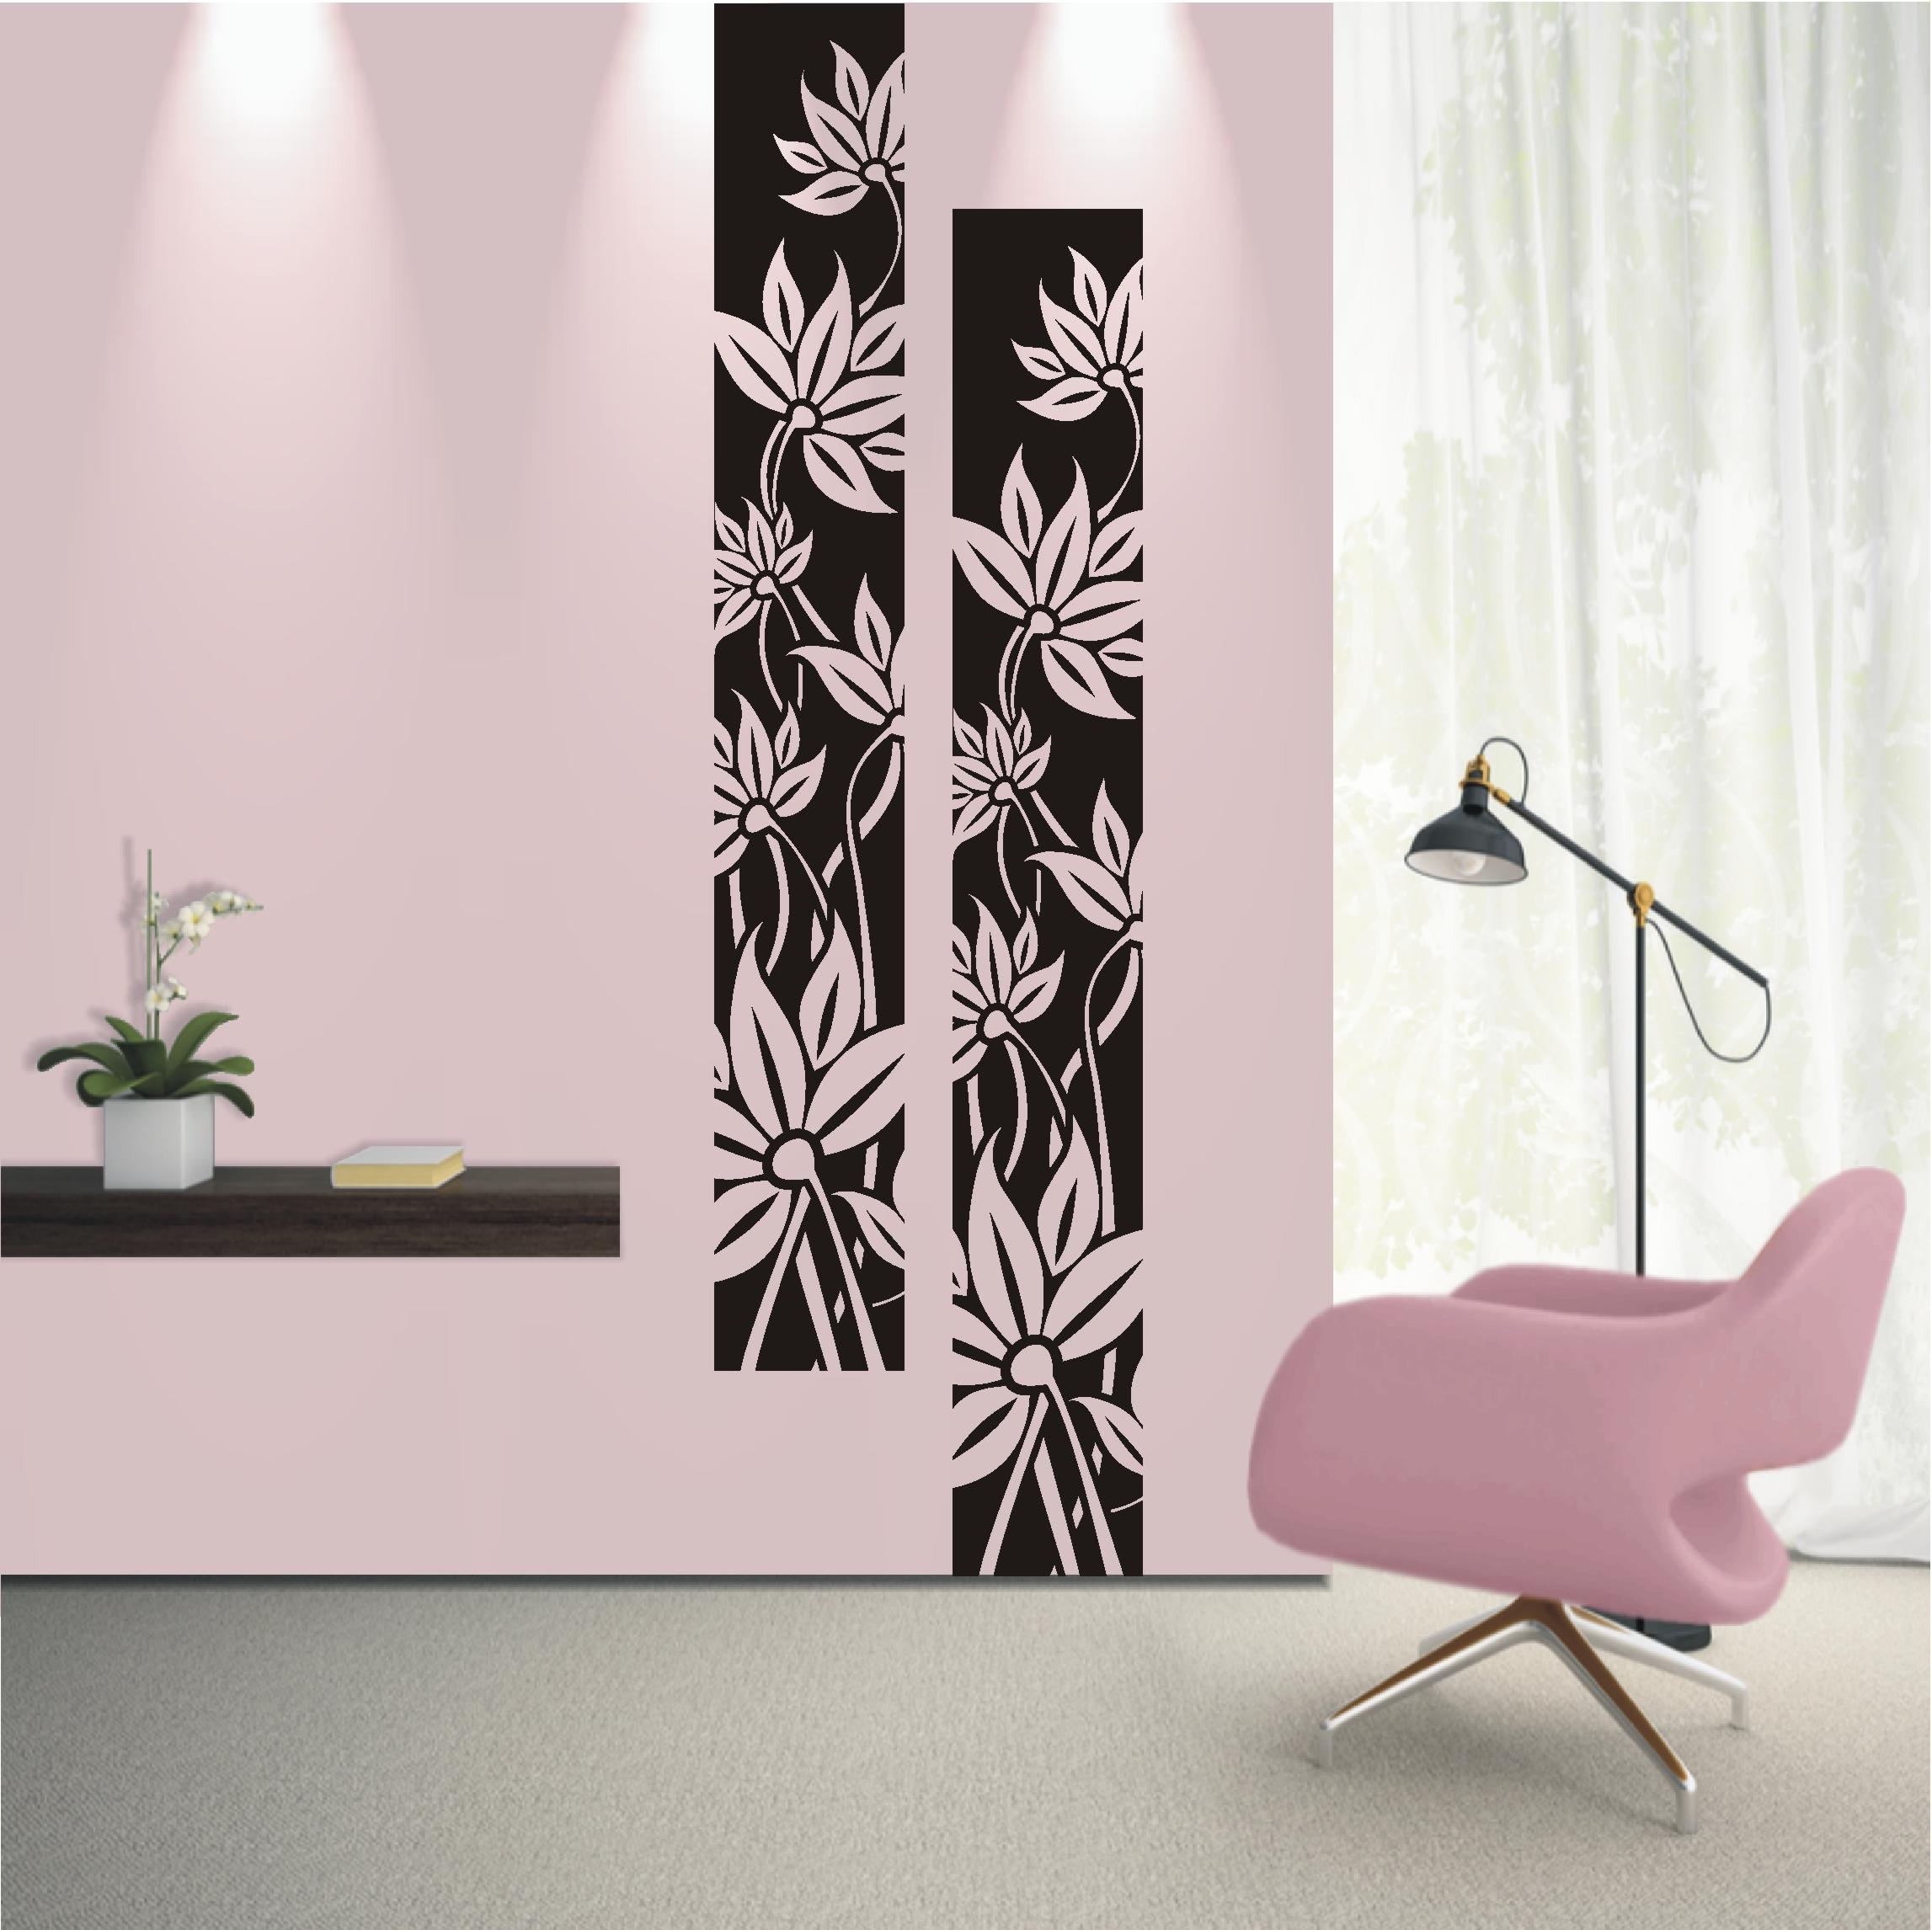 wandtattoo wandaufkleber blumen ranke banner bl ten pflanze wohnzimmer 501 xl ebay. Black Bedroom Furniture Sets. Home Design Ideas